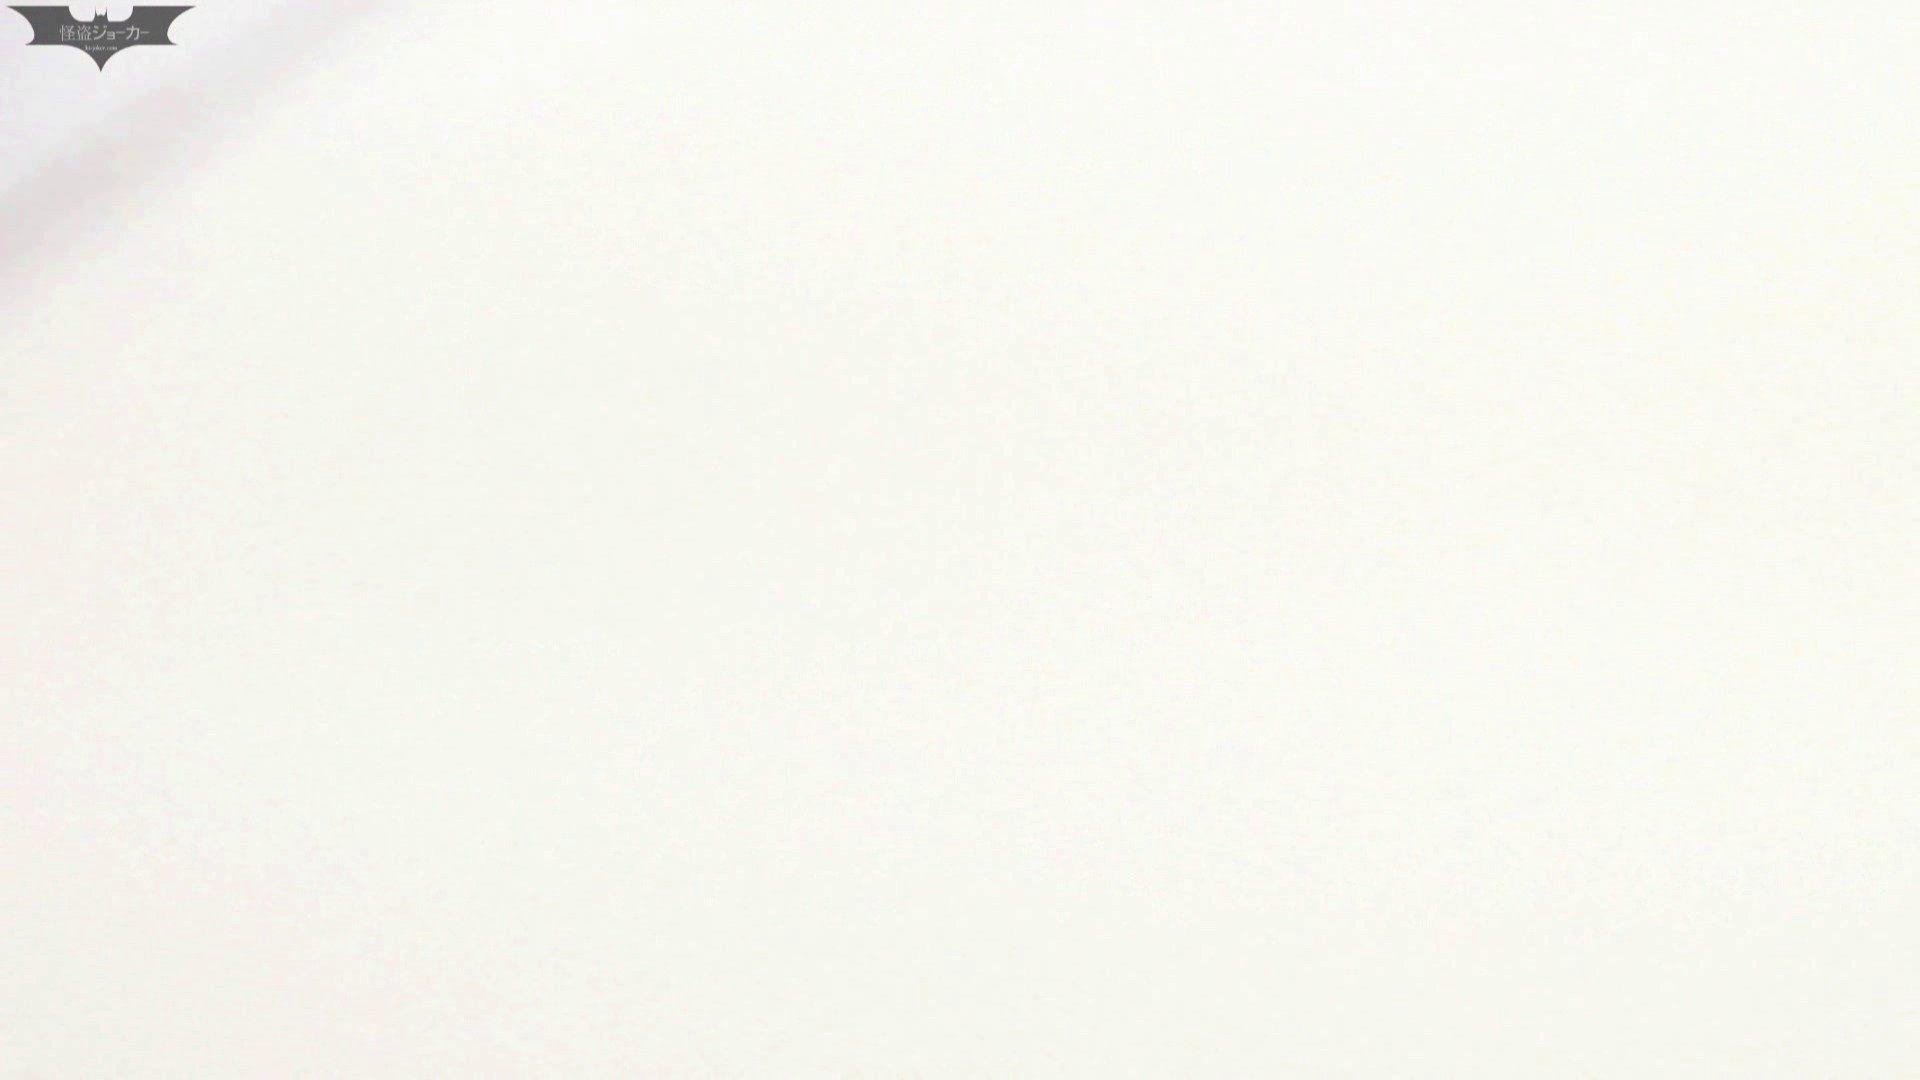 お銀 vol.68 無謀に通路に飛び出て一番明るいフロント撮り実現、見所満載 美人 ぱこり動画紹介 93連発 27